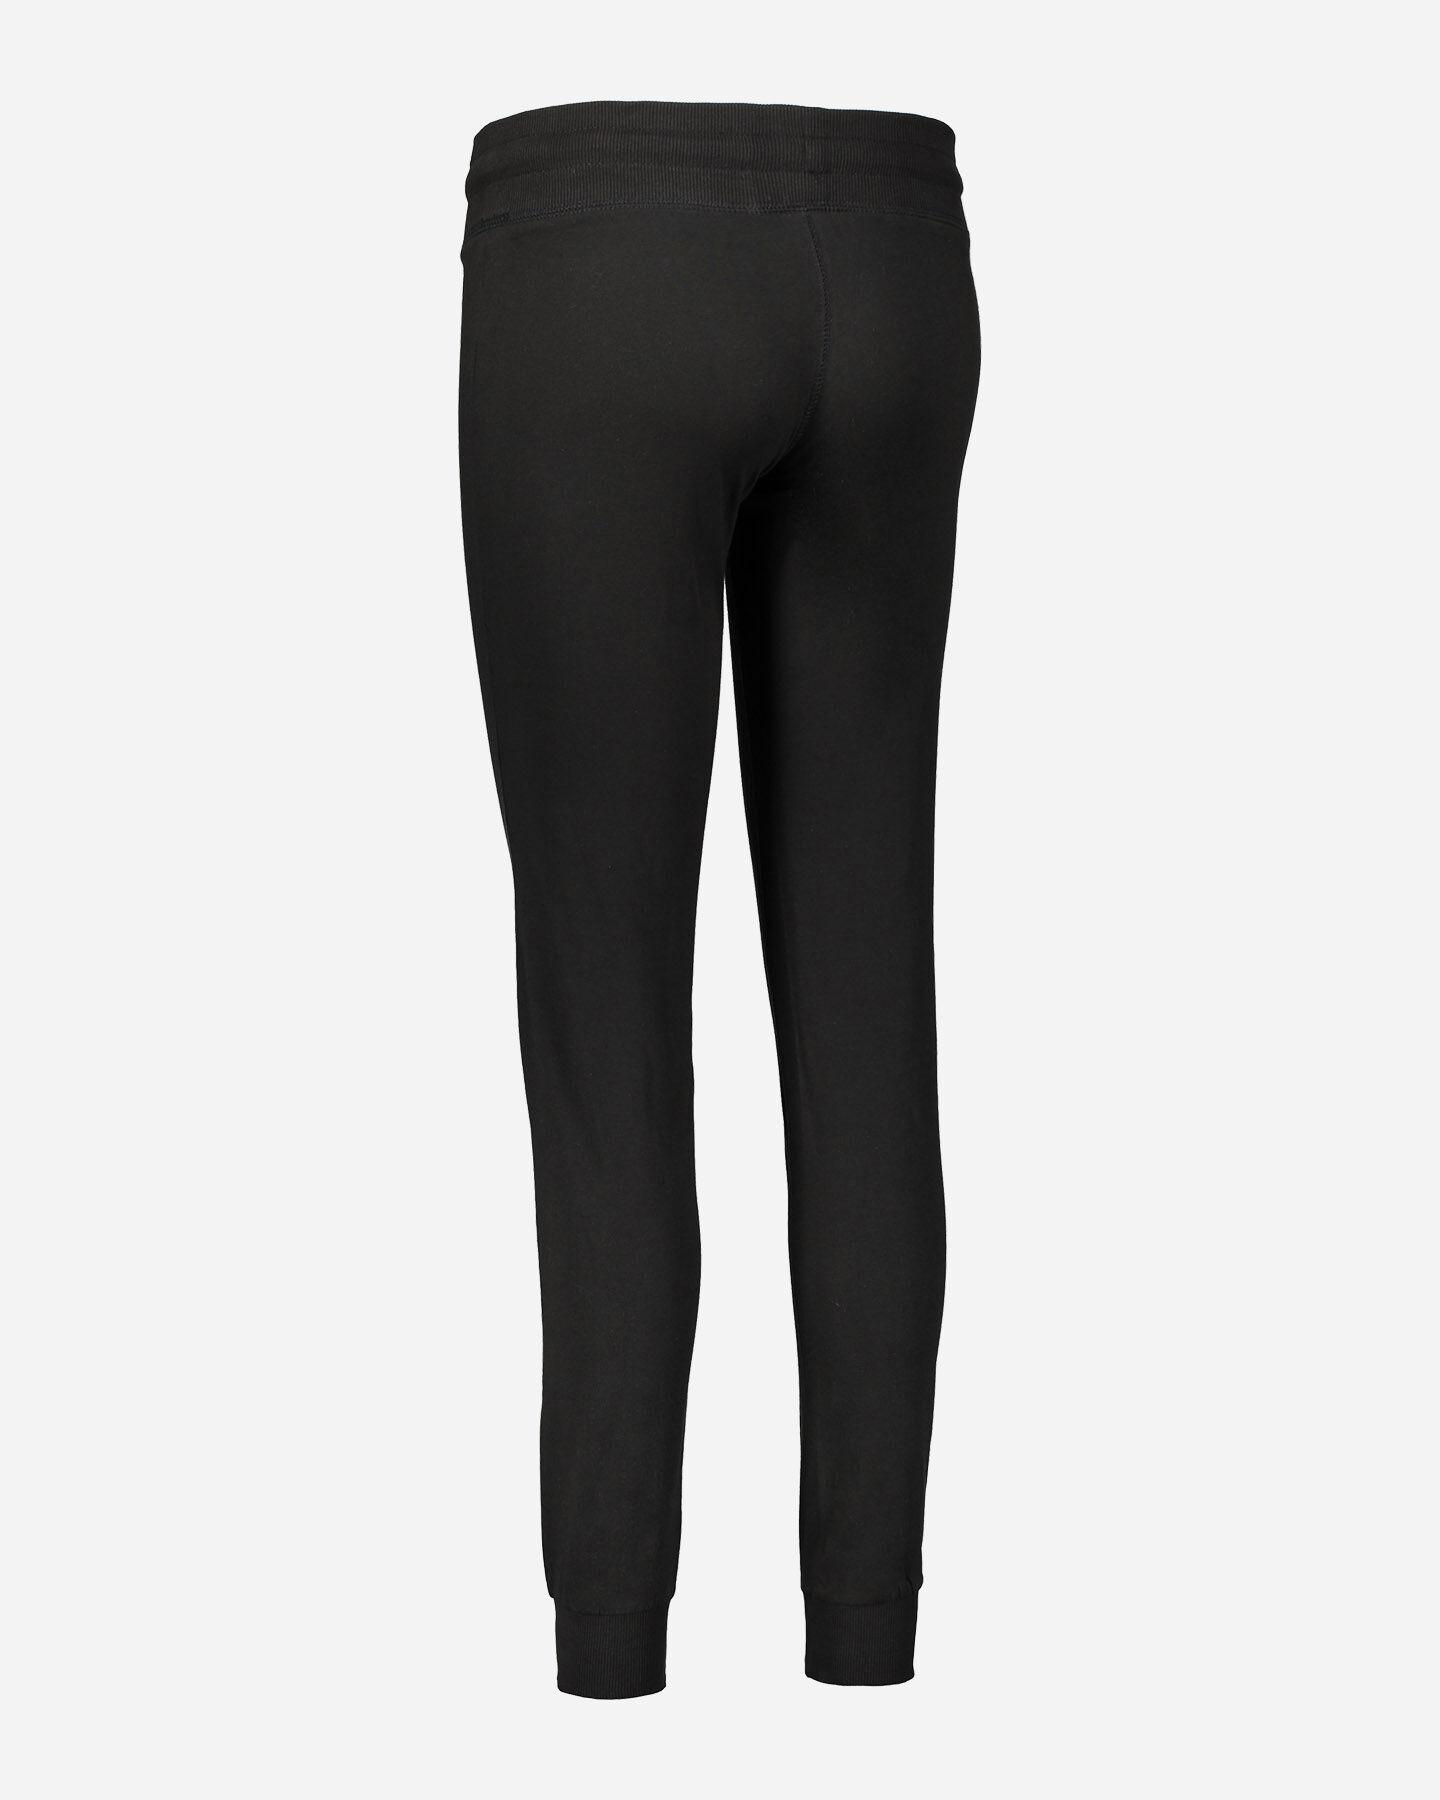 Pantalone ABC ISI W S4030756 scatto 5